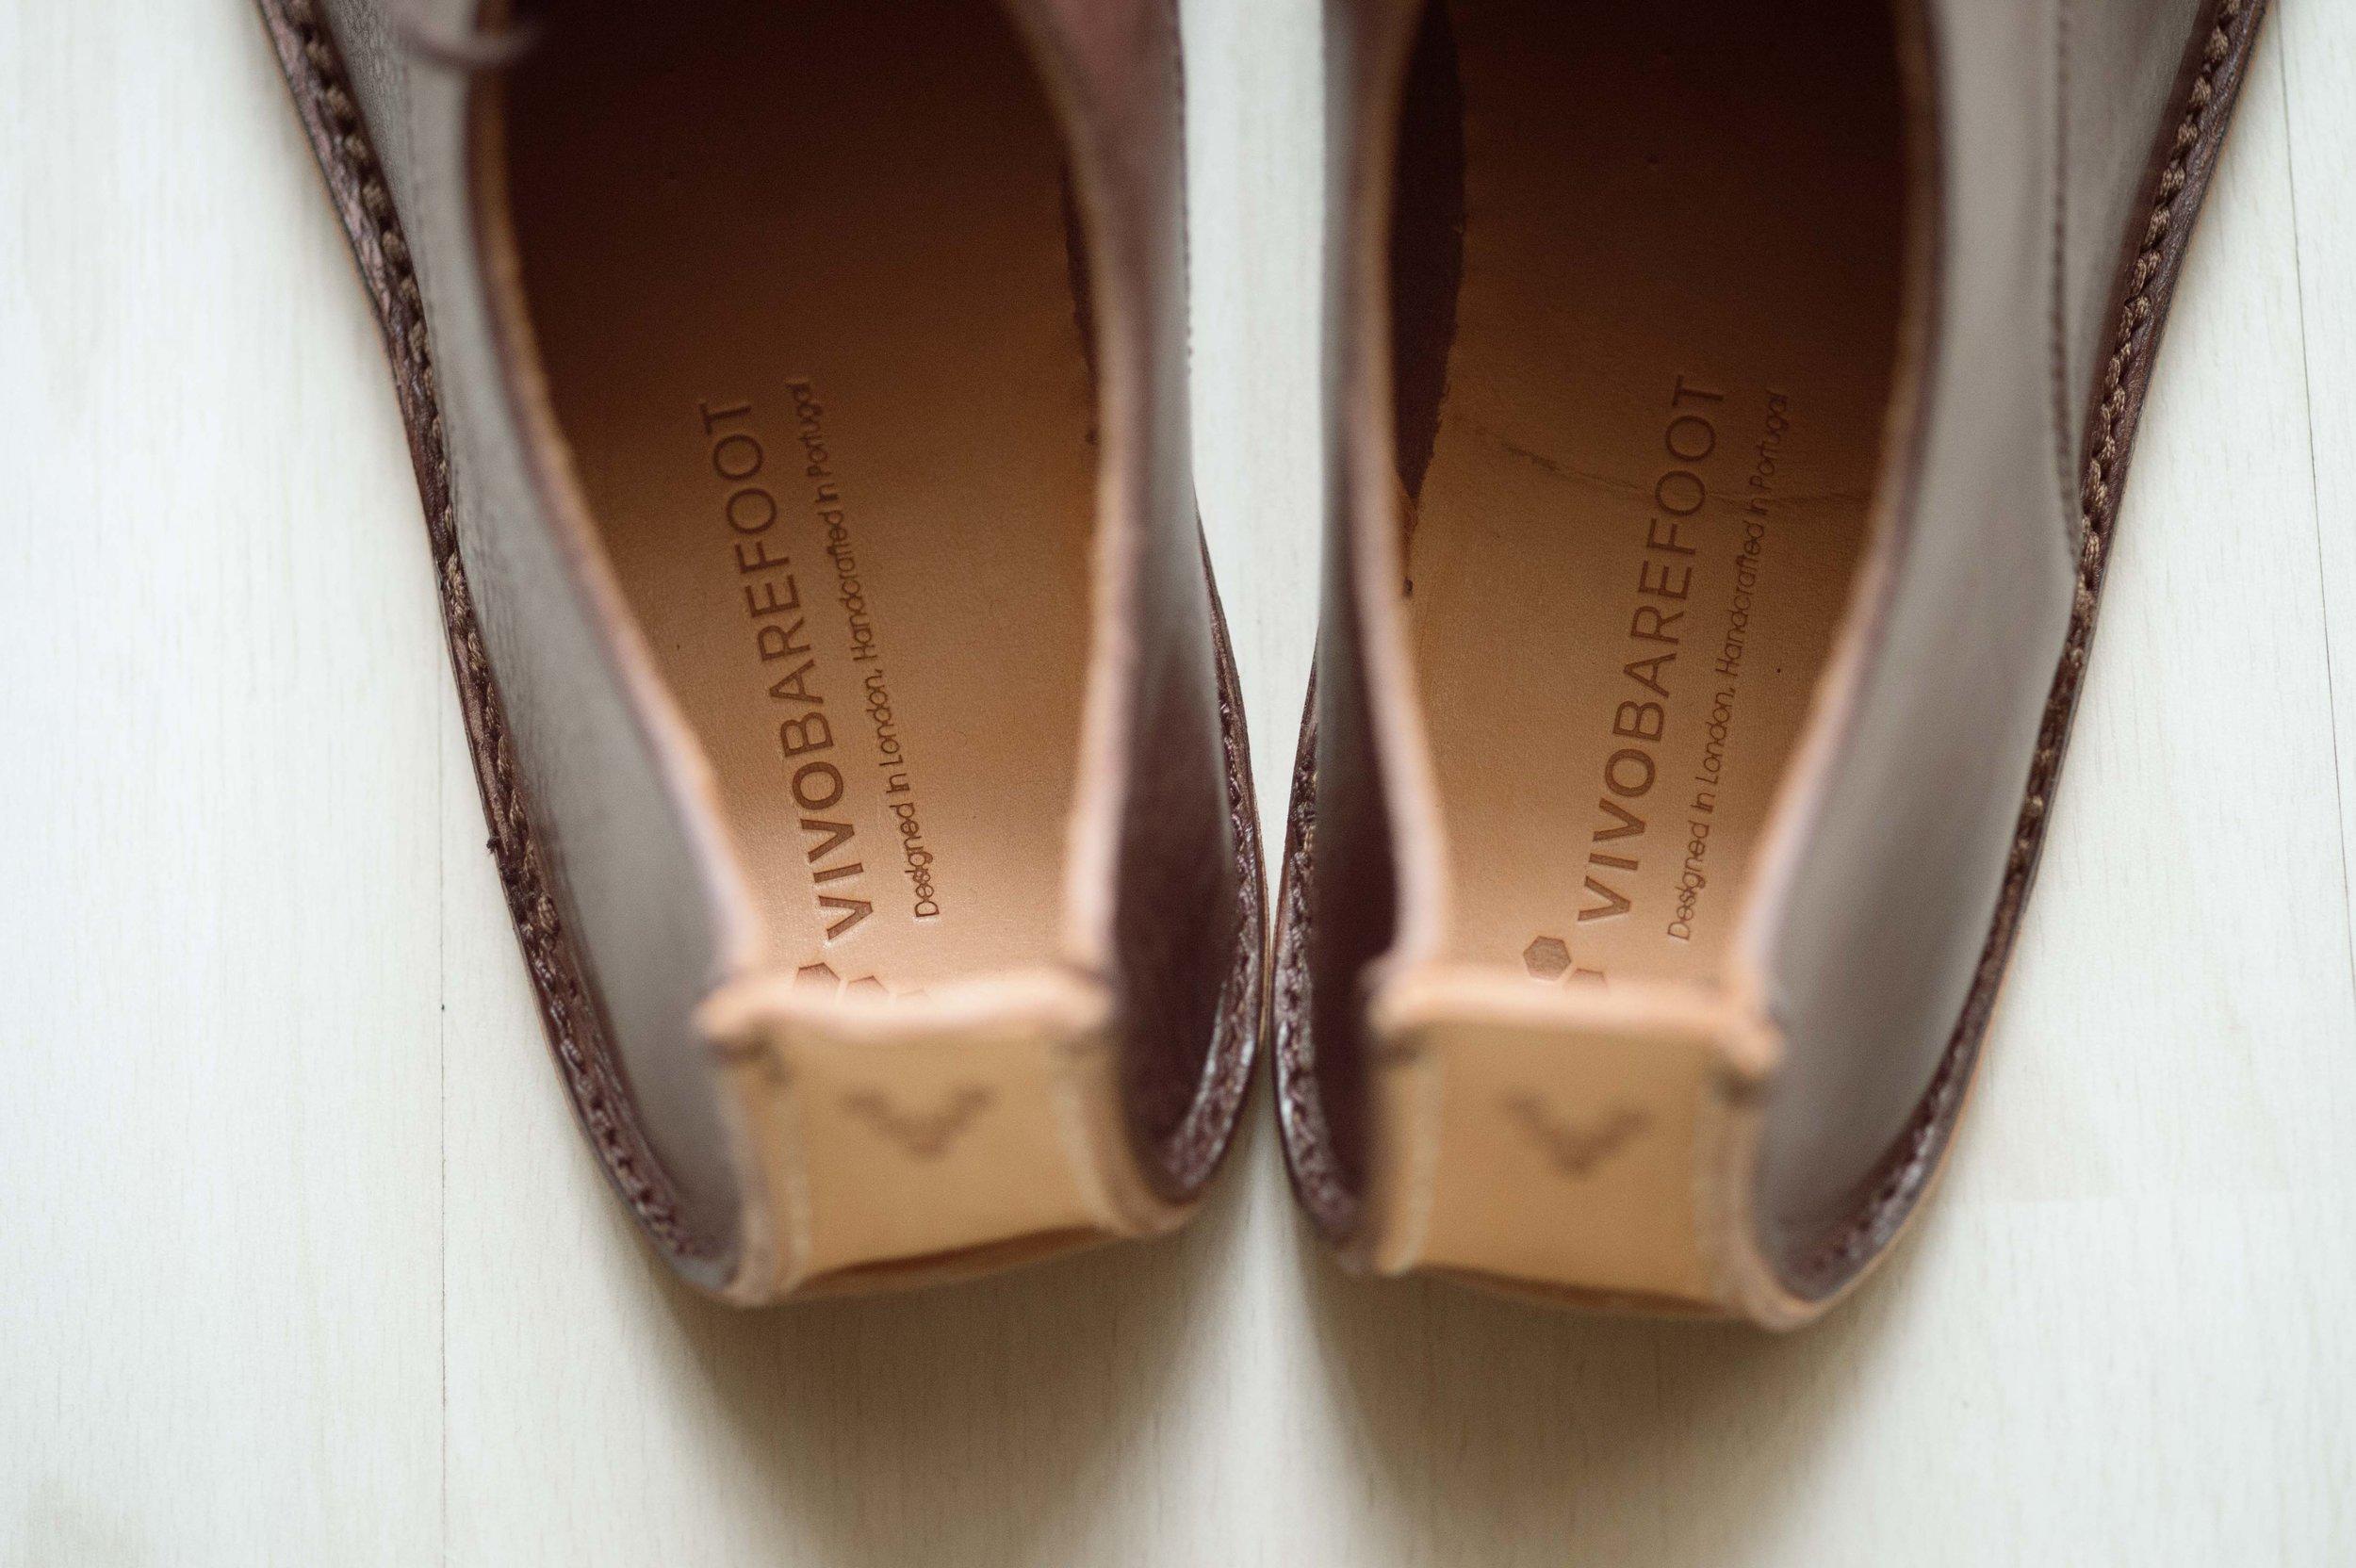 Barefoot_runner_office_shoes_thetrinerd_aniko_towers_photo-20.jpg